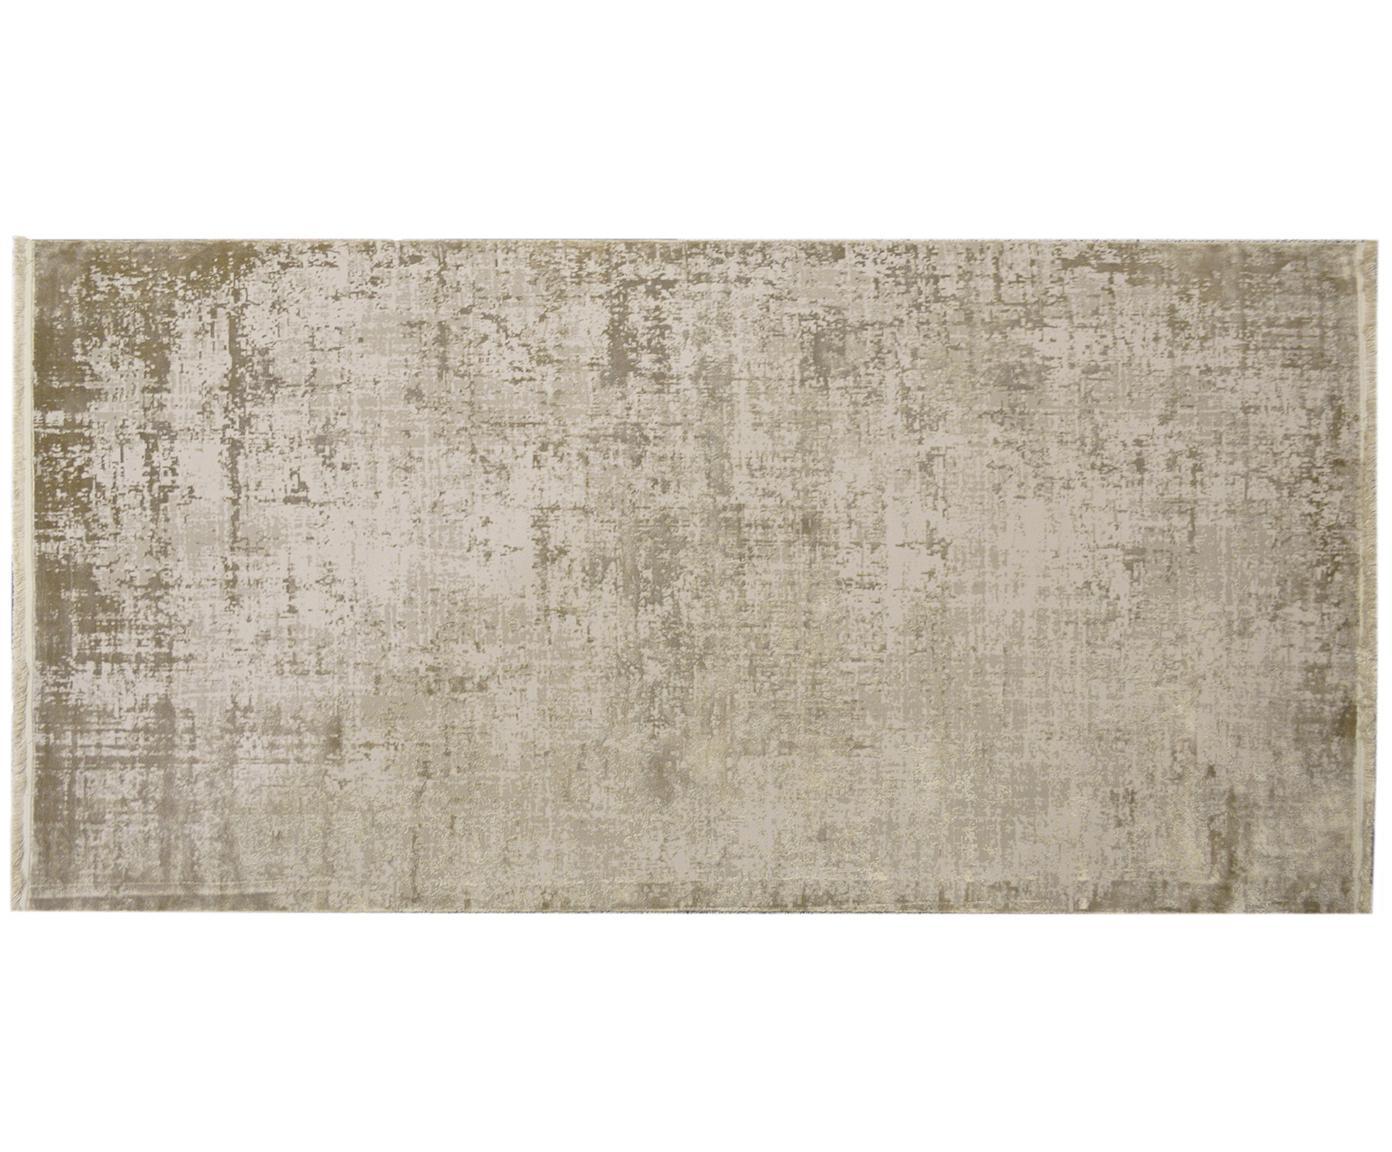 Schimmernder Teppich Cordoba mit Fransen, Vintage Style, Flor: 70% Acryl, 30% Viskose, Beigetöne, B 80 x L 150 cm (Grösse XS)